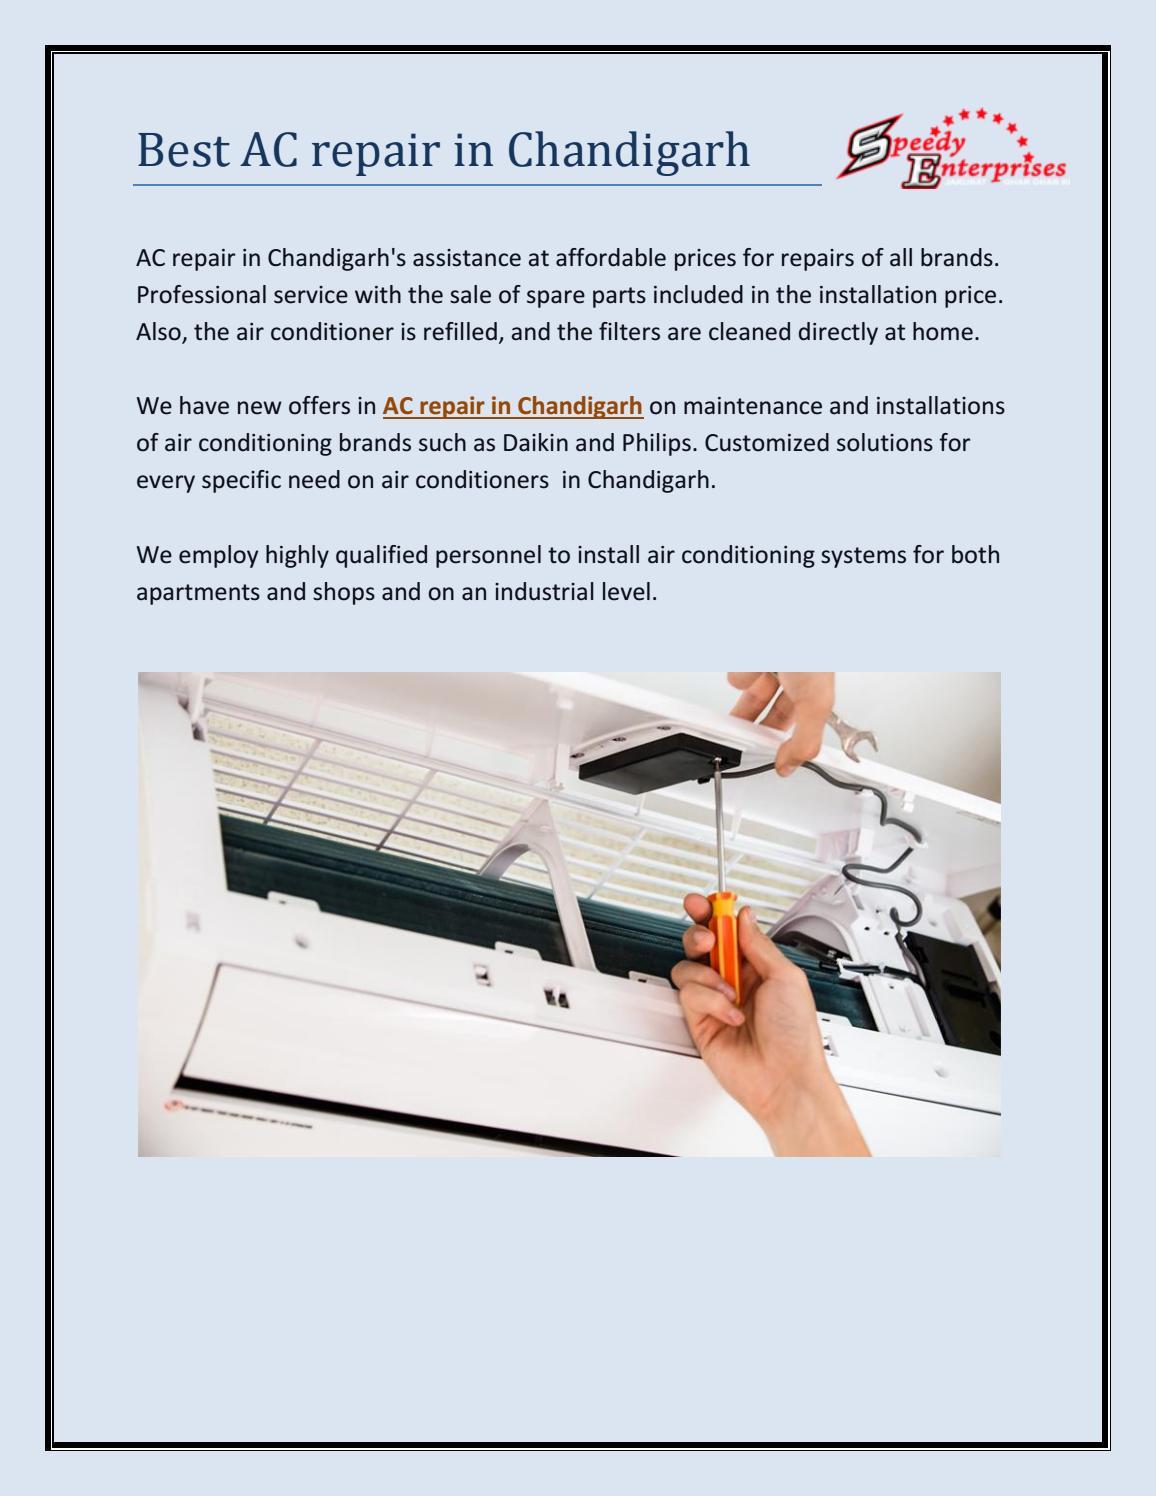 Best AC repair in Chandigarh  - Speedy Enterprise